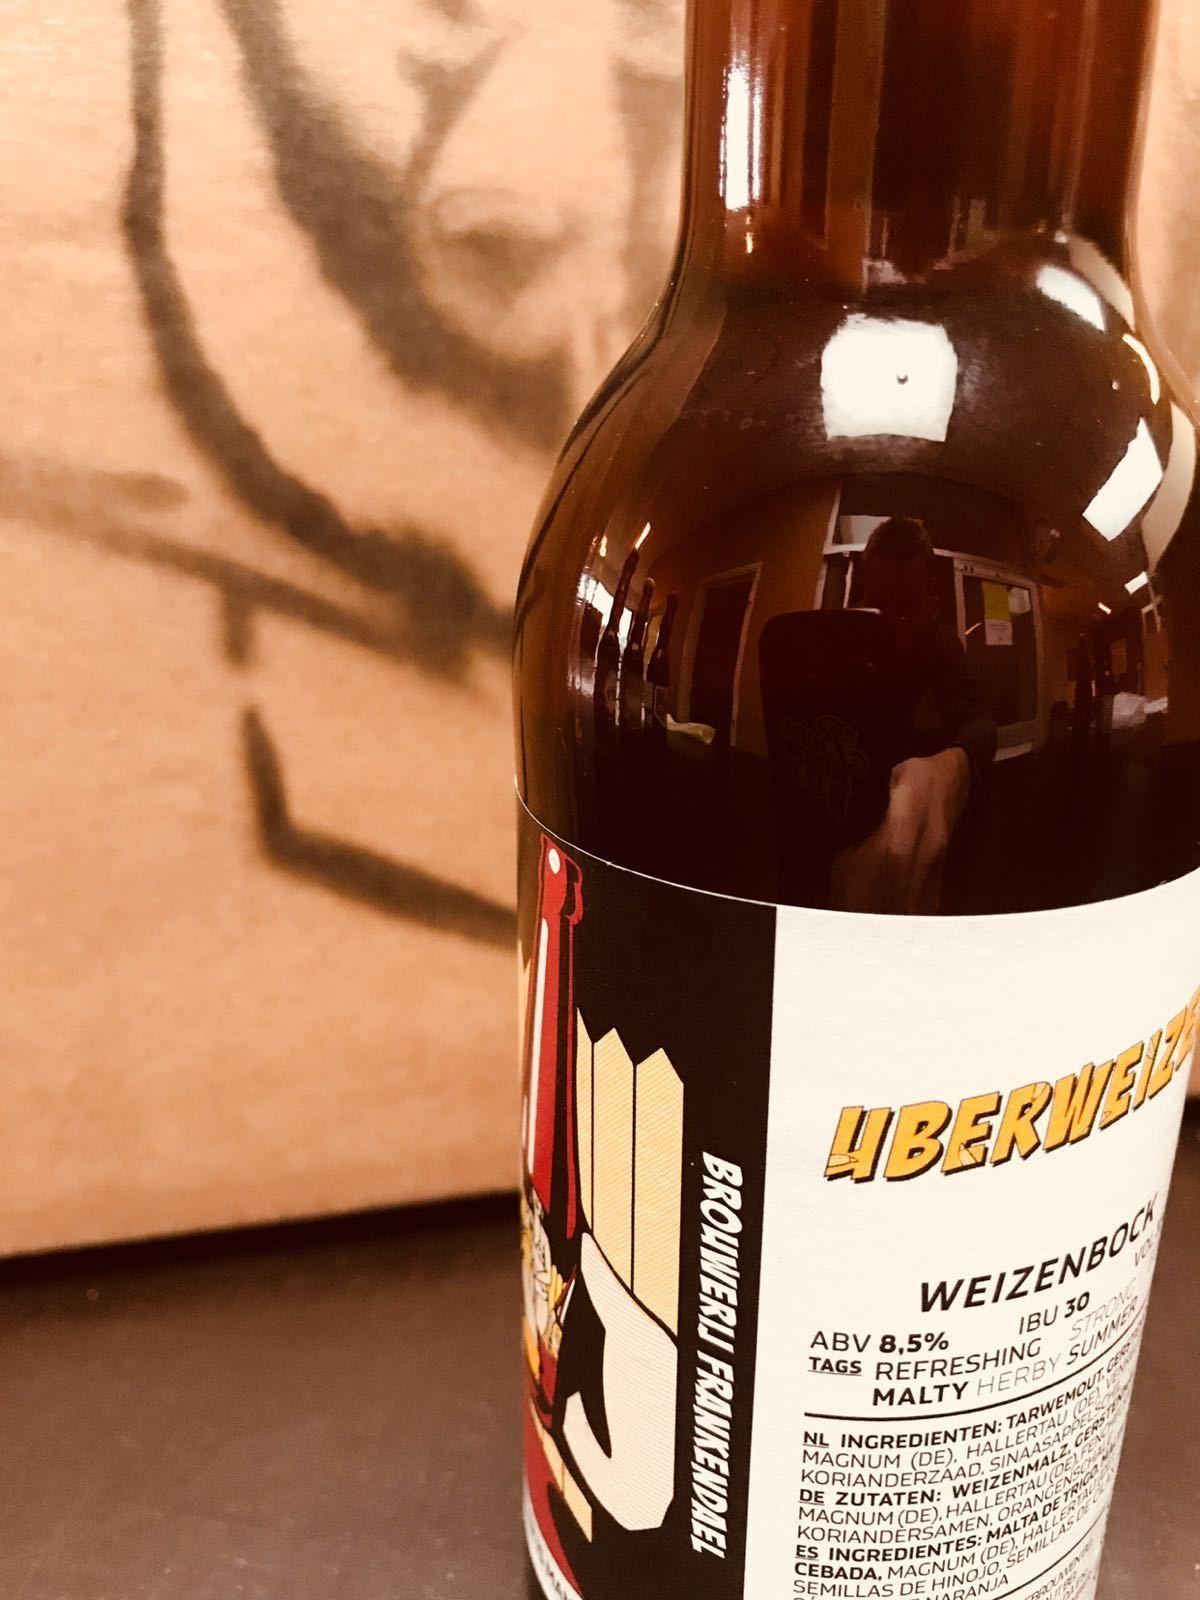 Weizenbock van Brouwerij Frankendael